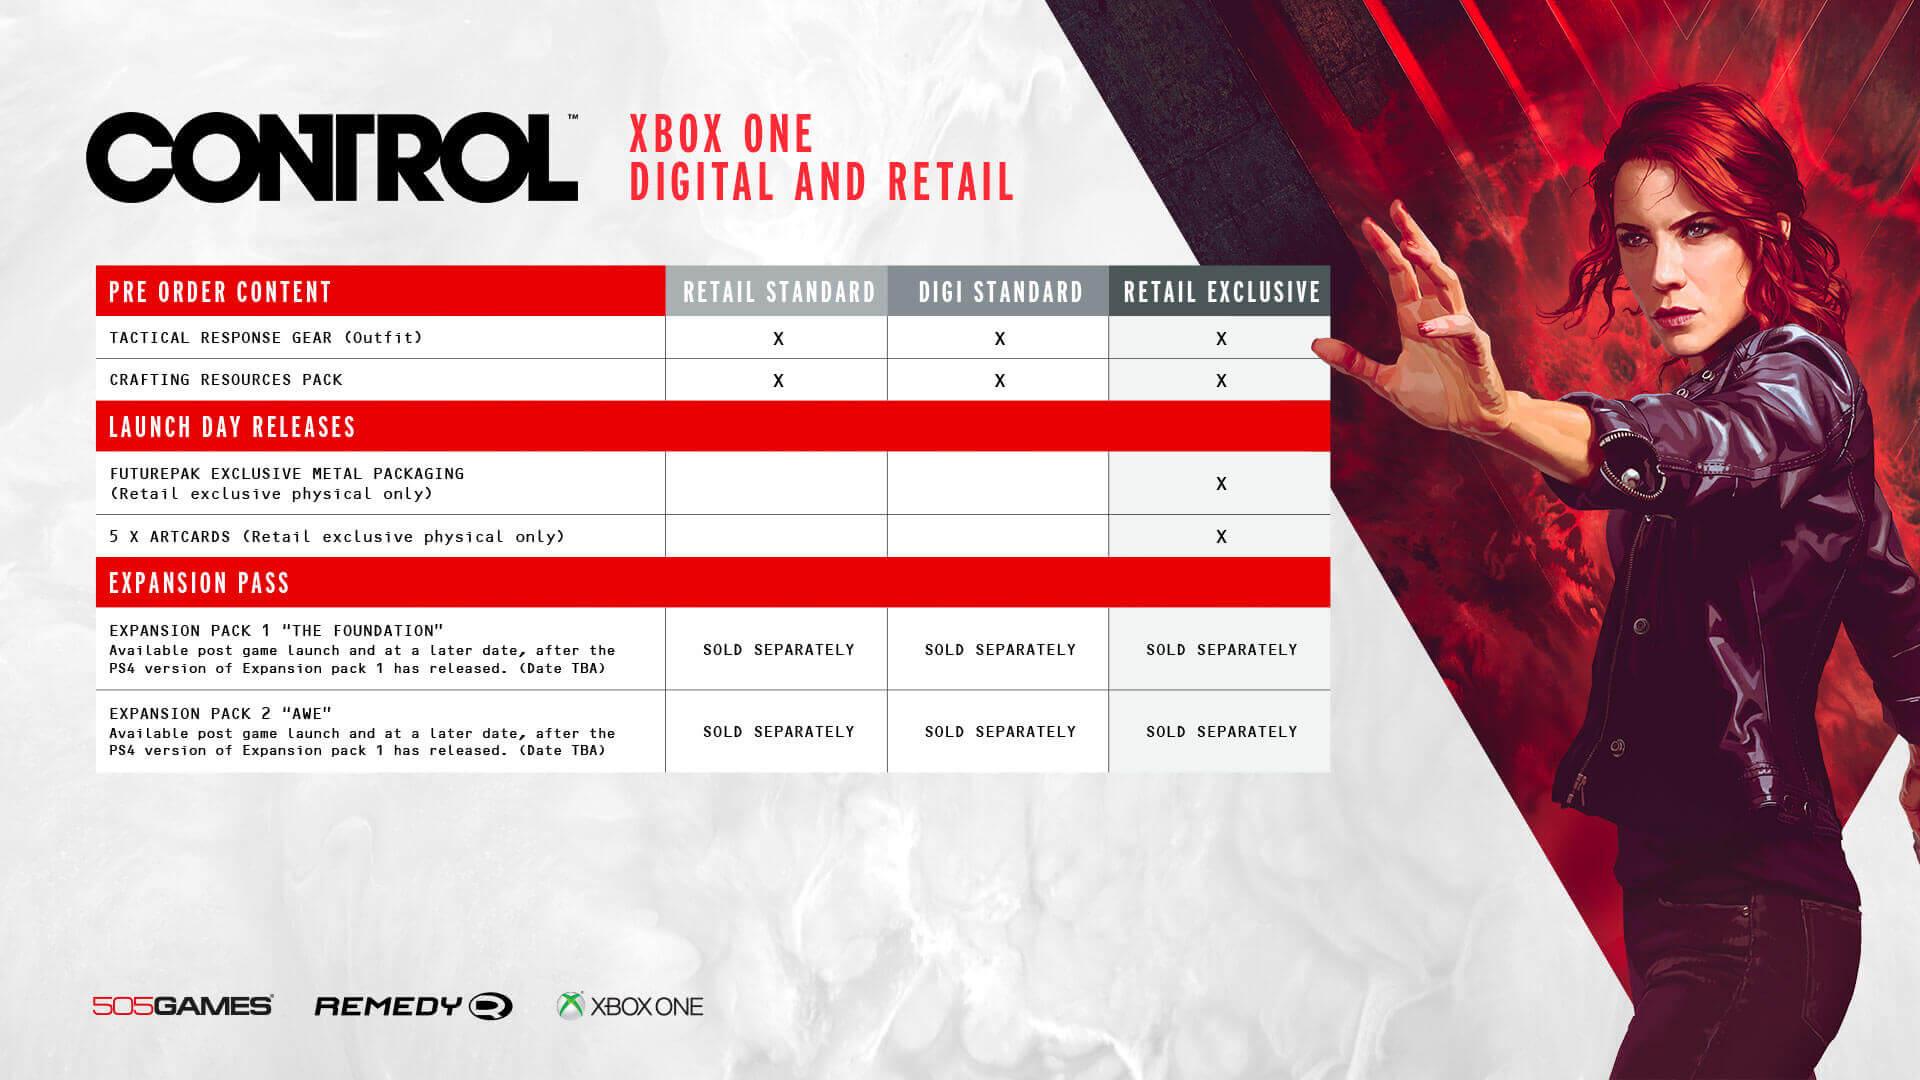 Zawartość wydań Control na Xbox One oraz PC